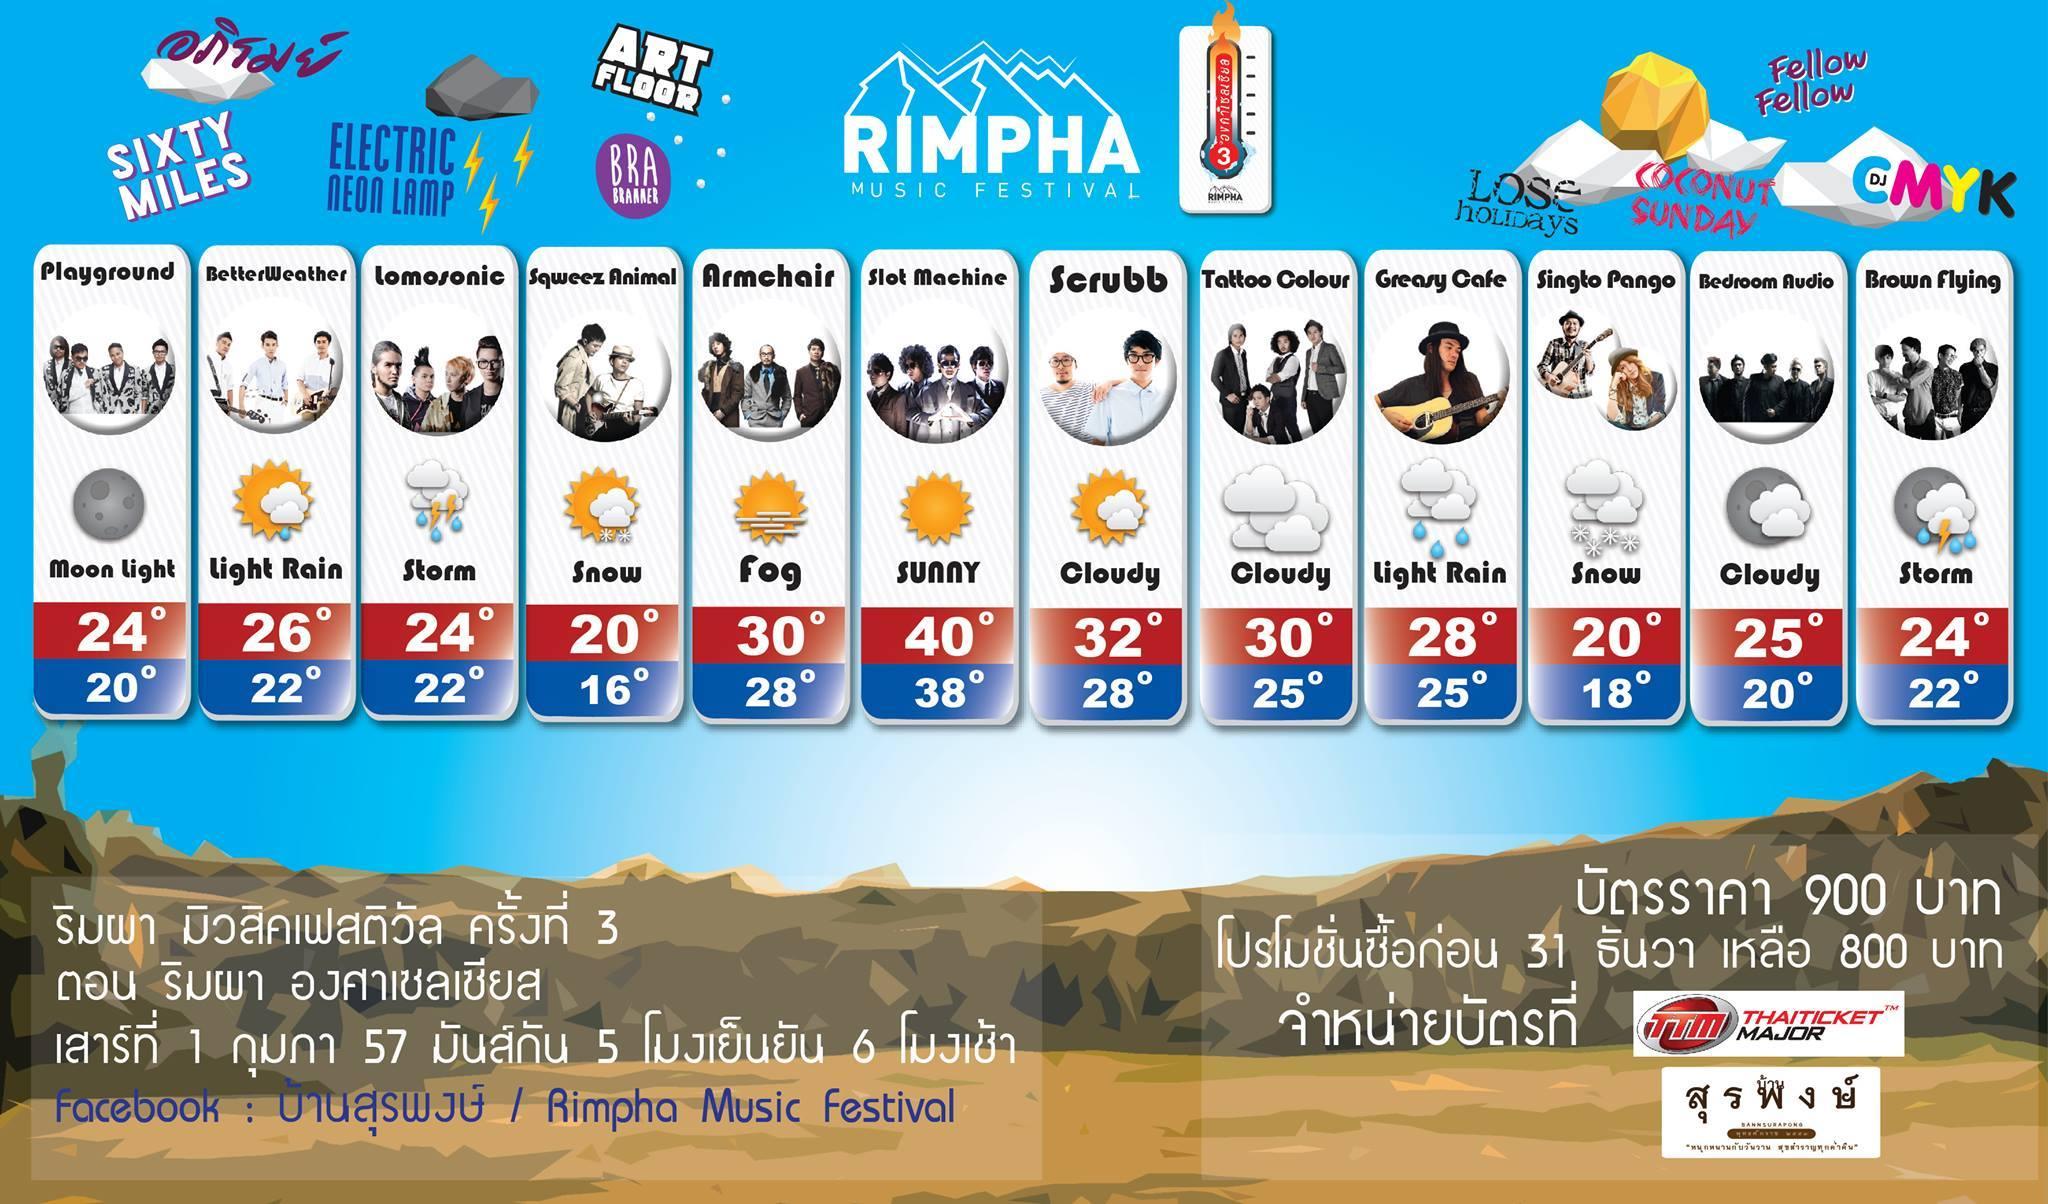 คอนเสิร์ตริมผามิวสิคเฟสติวัล ครั้งที่ 3 (RIMPHA MUSIC FESTIVAL 3) วันที่ 1 กุมภาพันธ์ 2557 ณ เขาไทร็อค จังหวัดสระบุรี